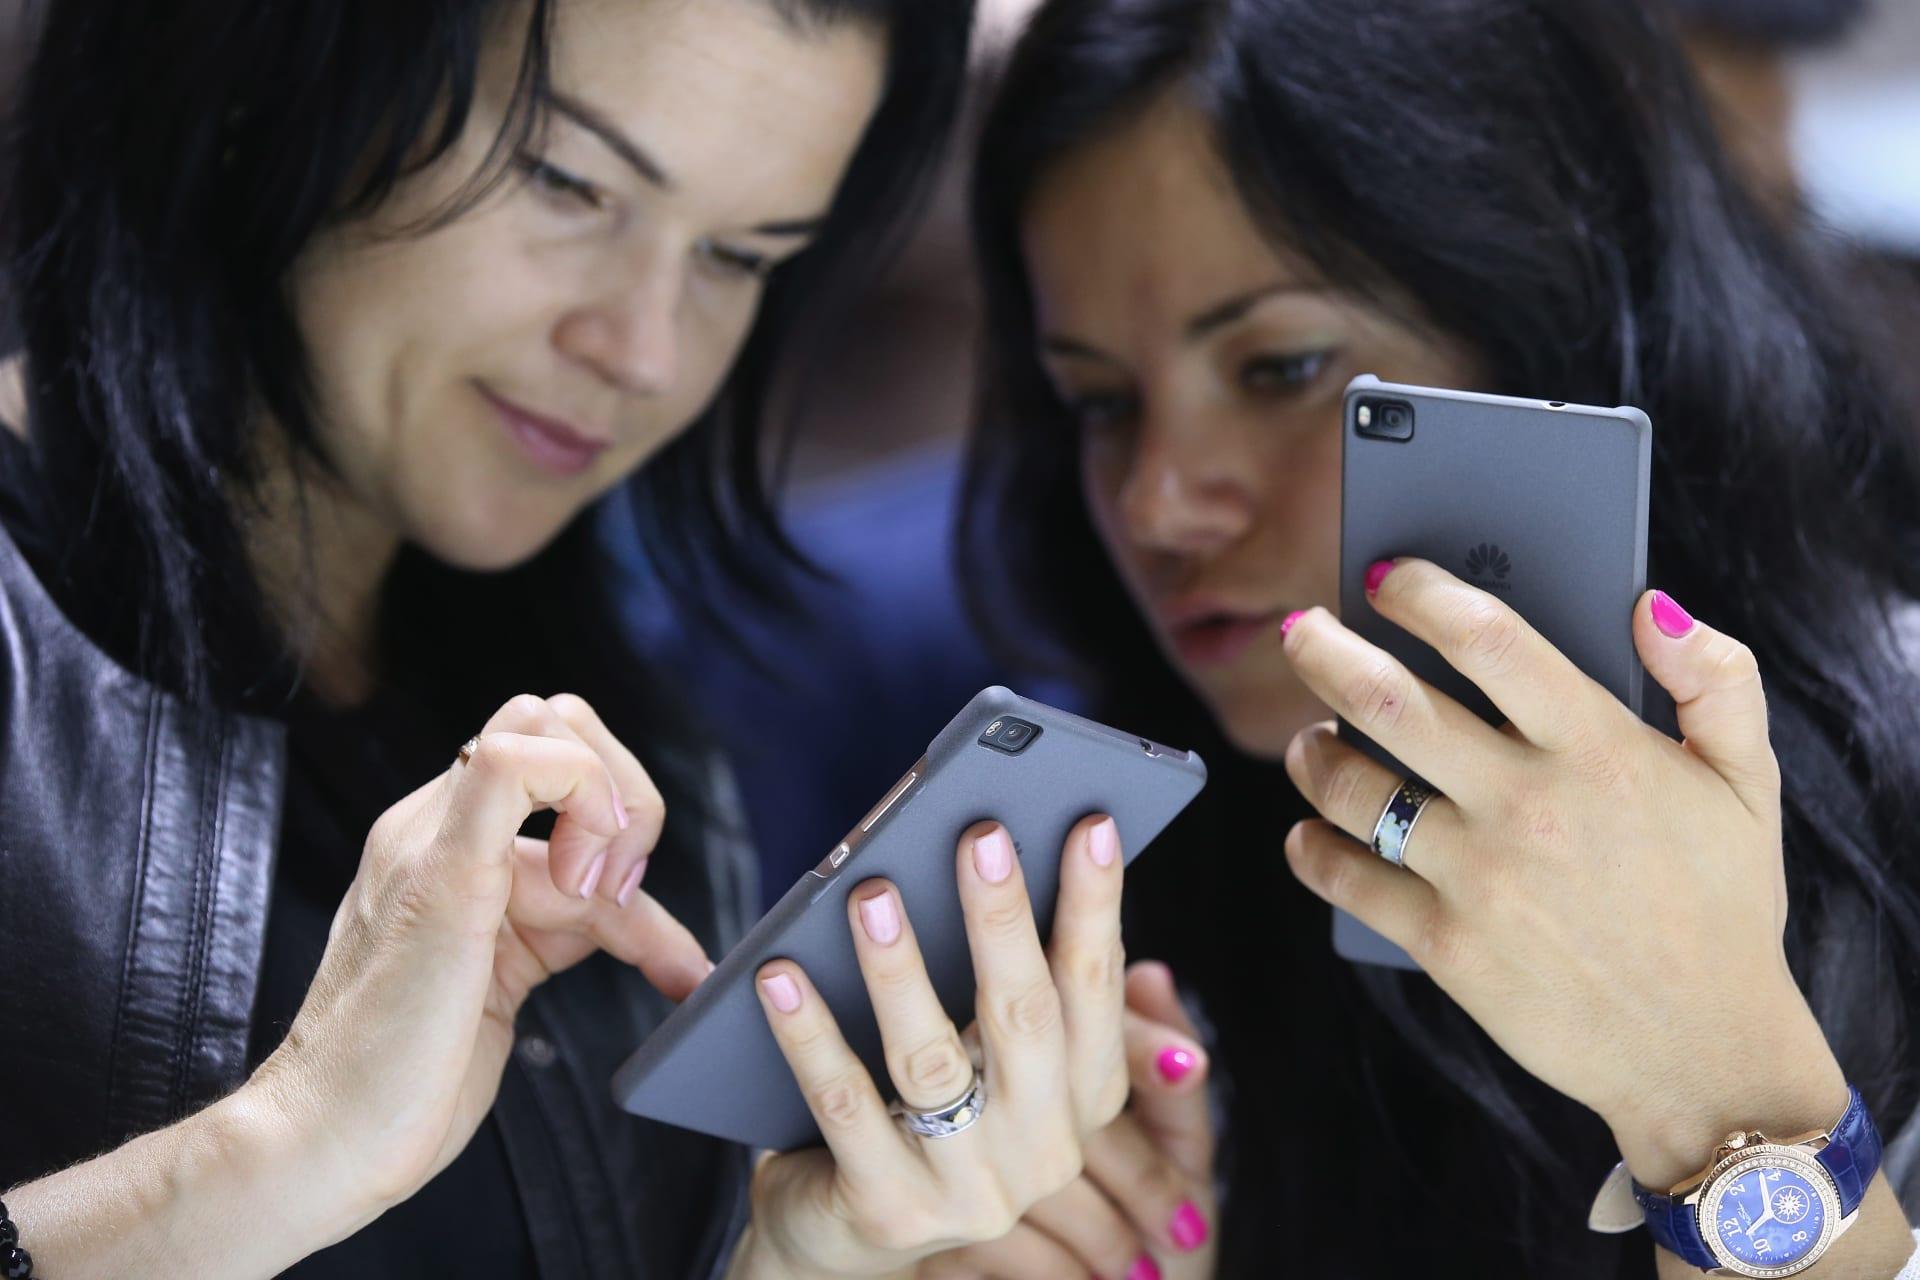 دراسة جديدة تحذر من خطر الإصابات المتعلقة باستخدام الهواتف المحمولة خاصة بين الشباب